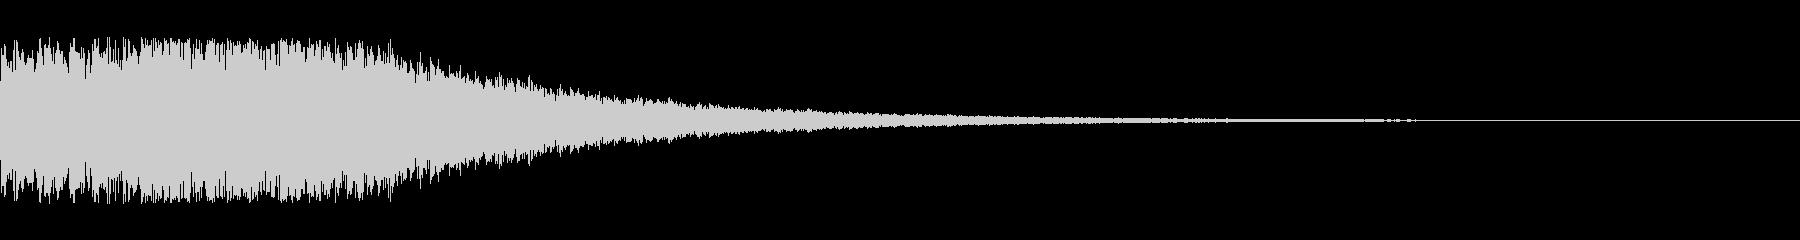 決定・メニュー・UI等電子音1の未再生の波形